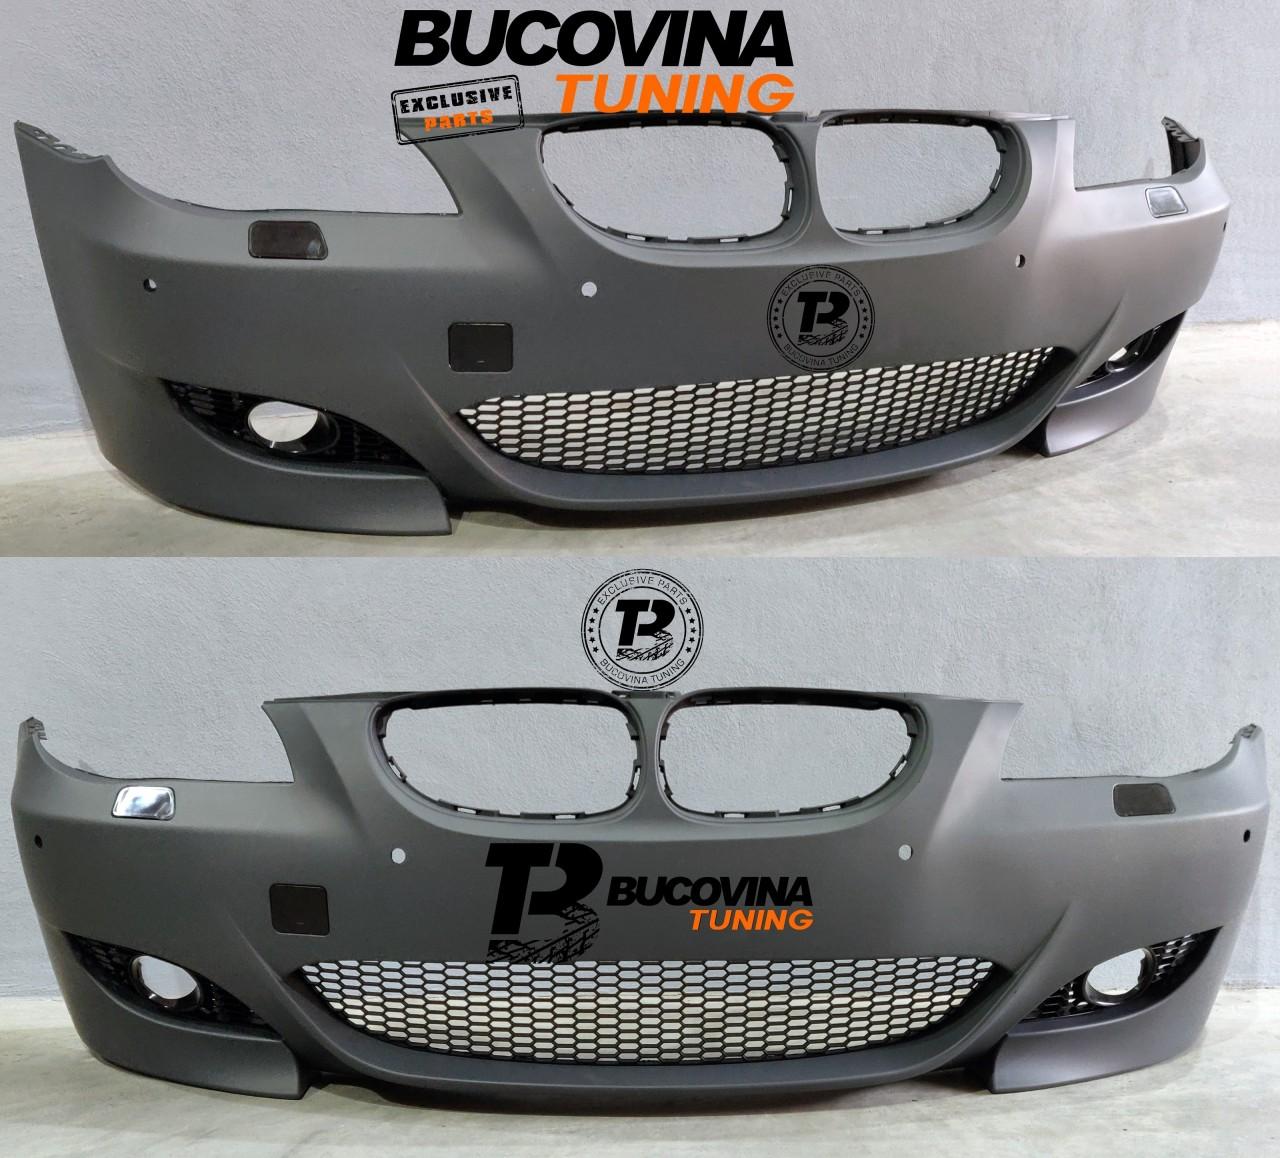 BARA FATA BMW SERIA 5 E60 M5 (2004-2007)